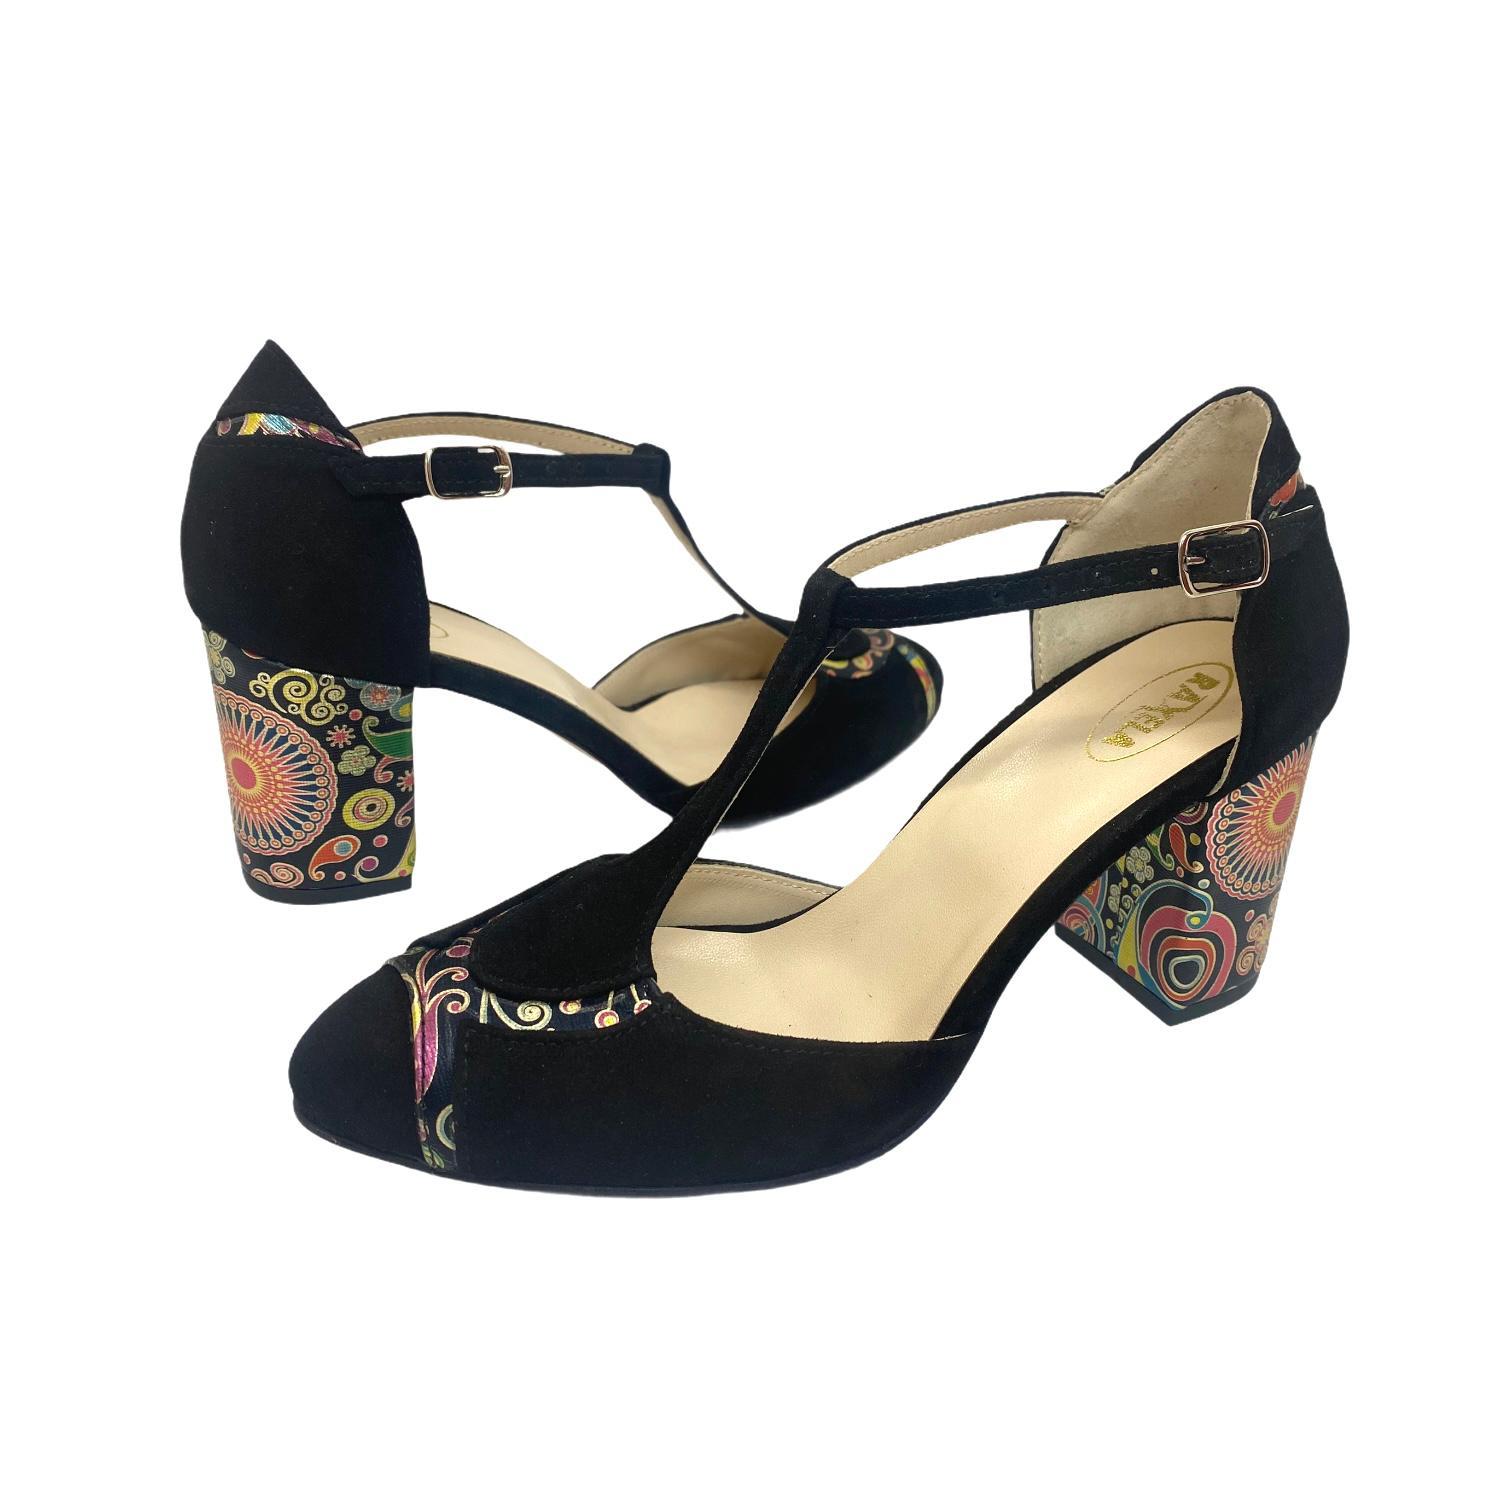 Pantofi decupati negri cu detalii colorate